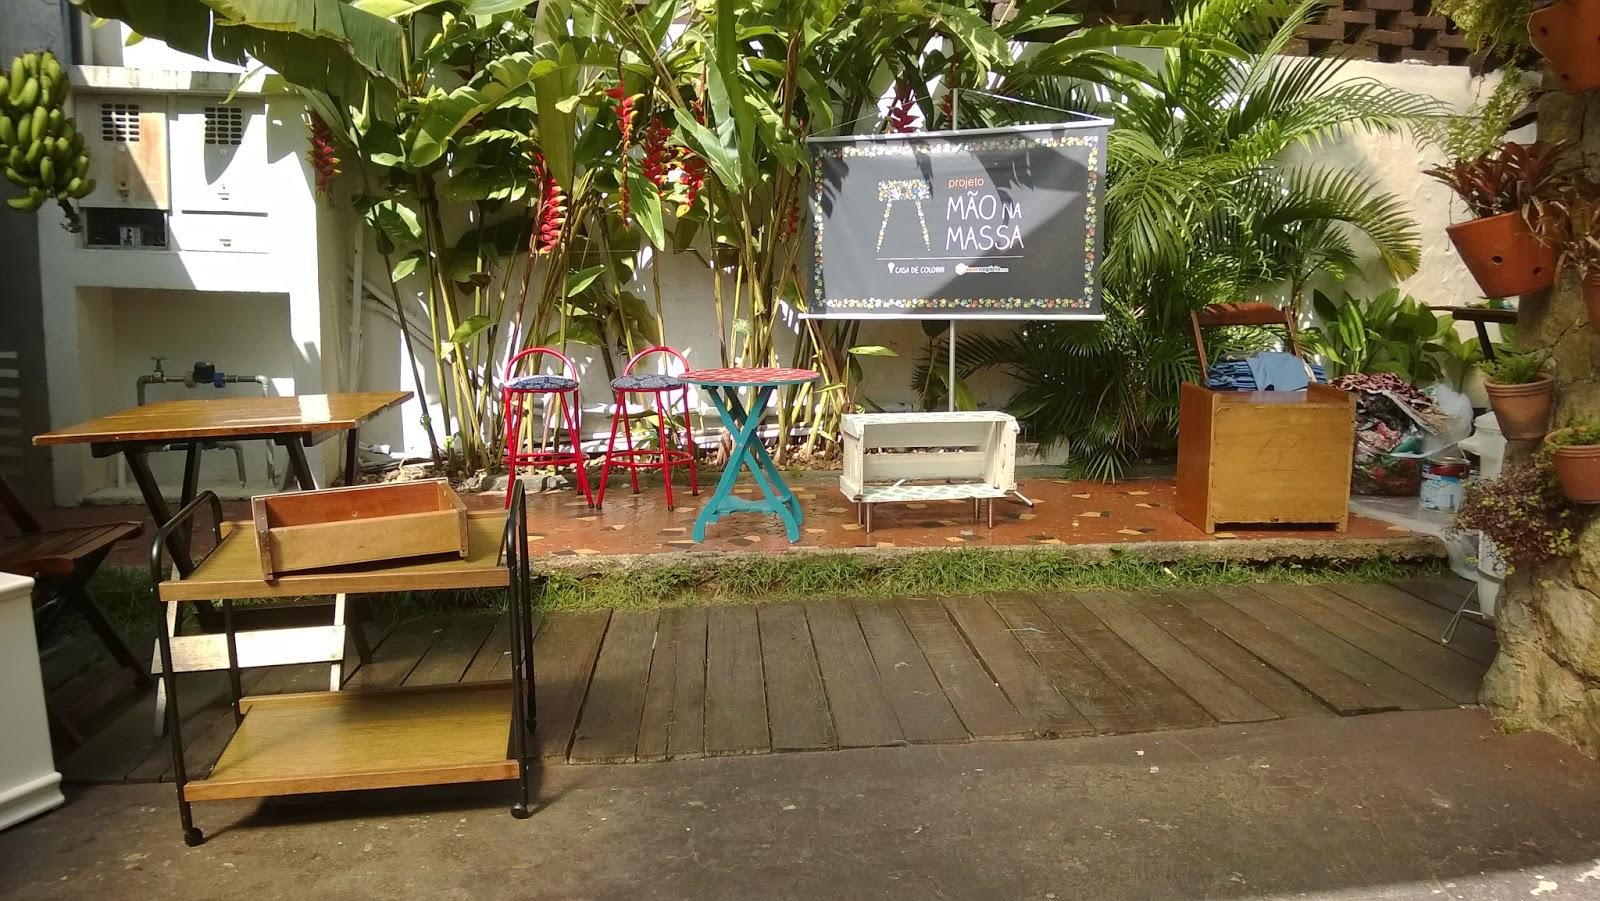 móveis das turmas da oficina Mão na Massa - blog Casa de Colorir